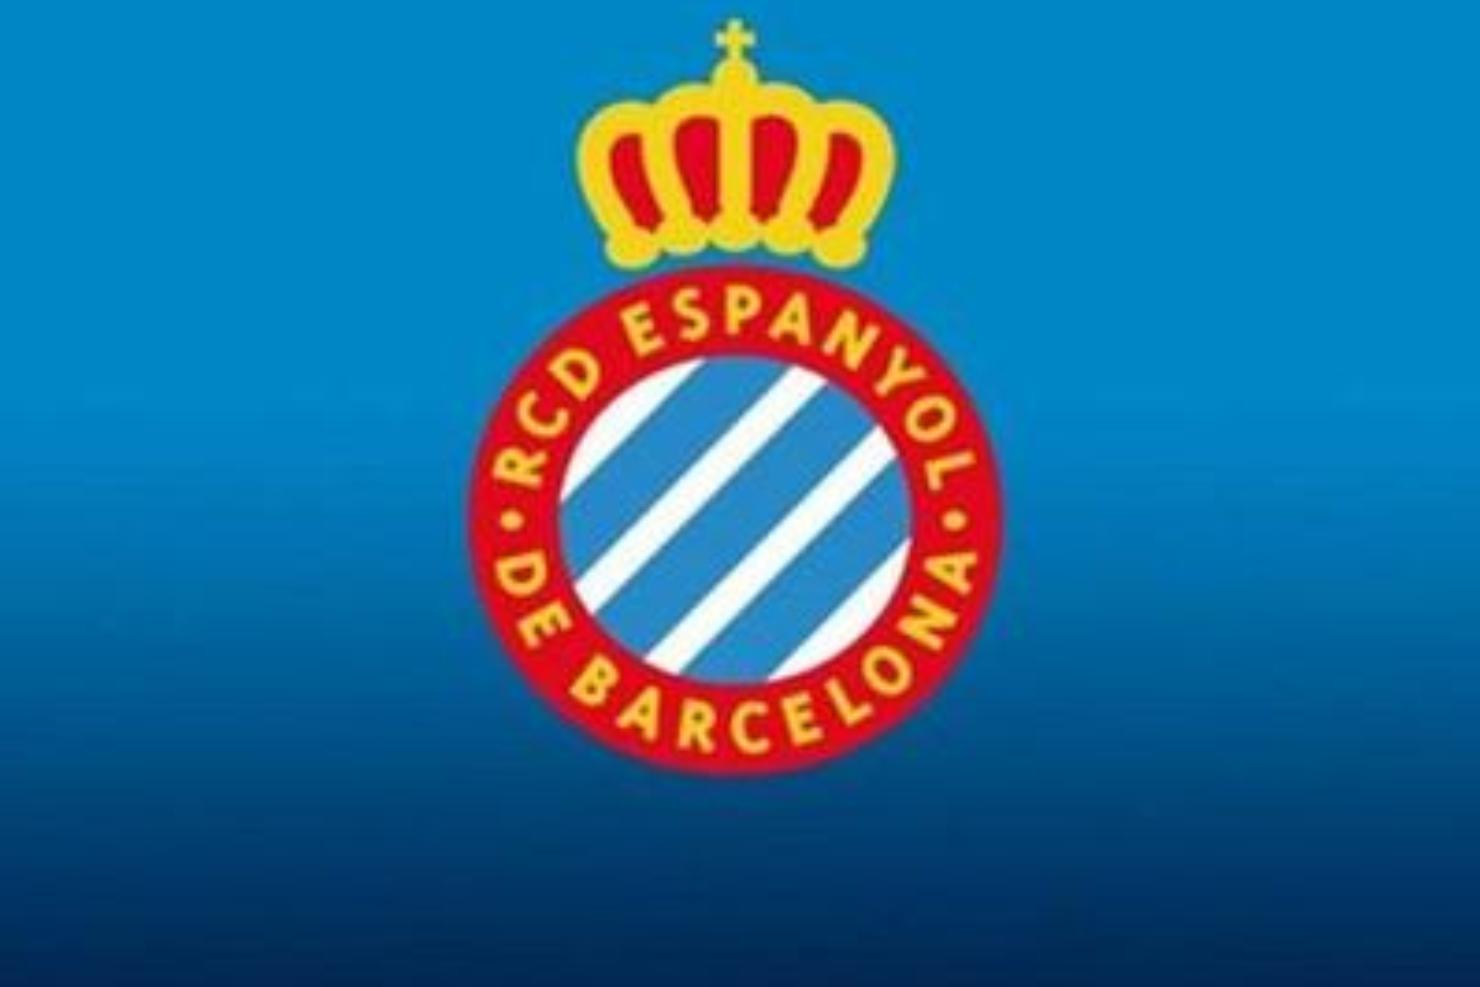 西乙35轮战罢西班牙人高居头名,比第三名高10分升级在望-今球app官网